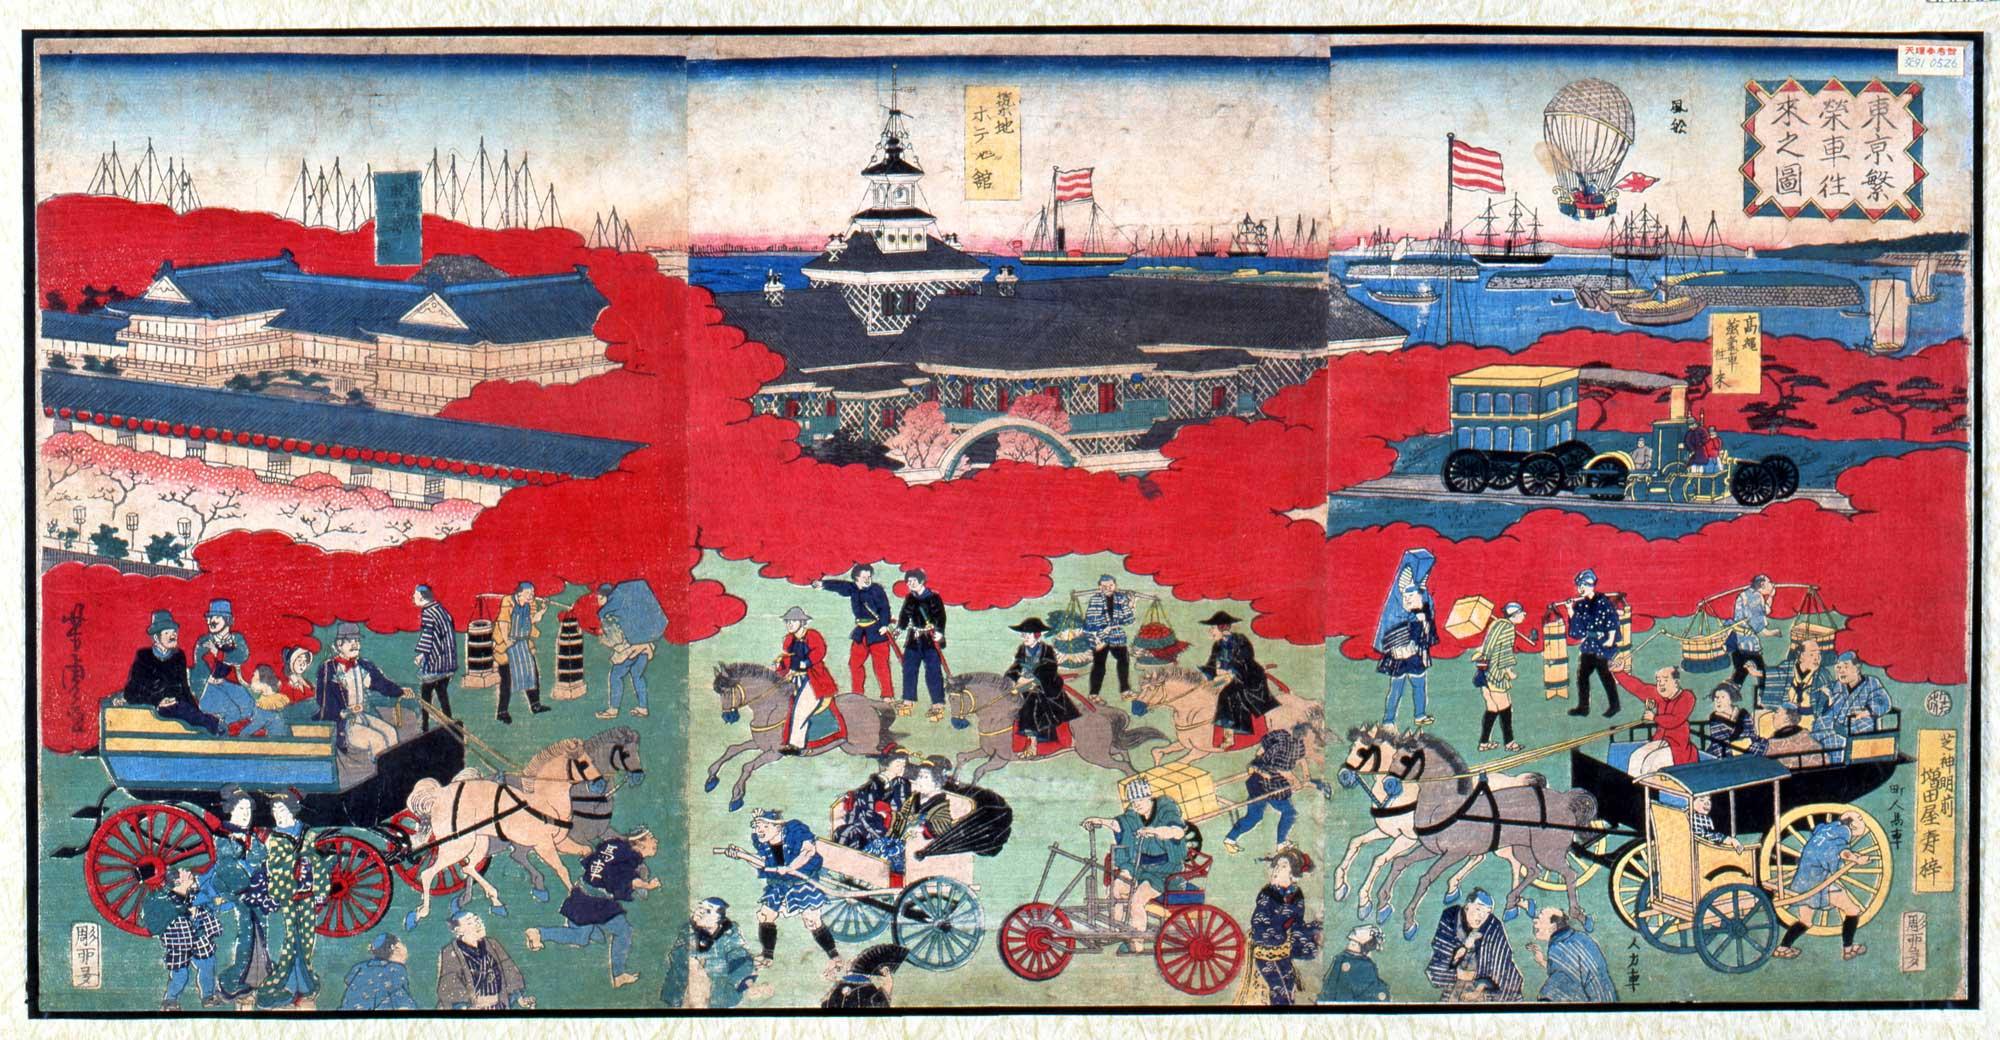 錦絵「東京繁栄車往来之図」(にしきえ「とうきょうはんえいくるまおうらいのず」)